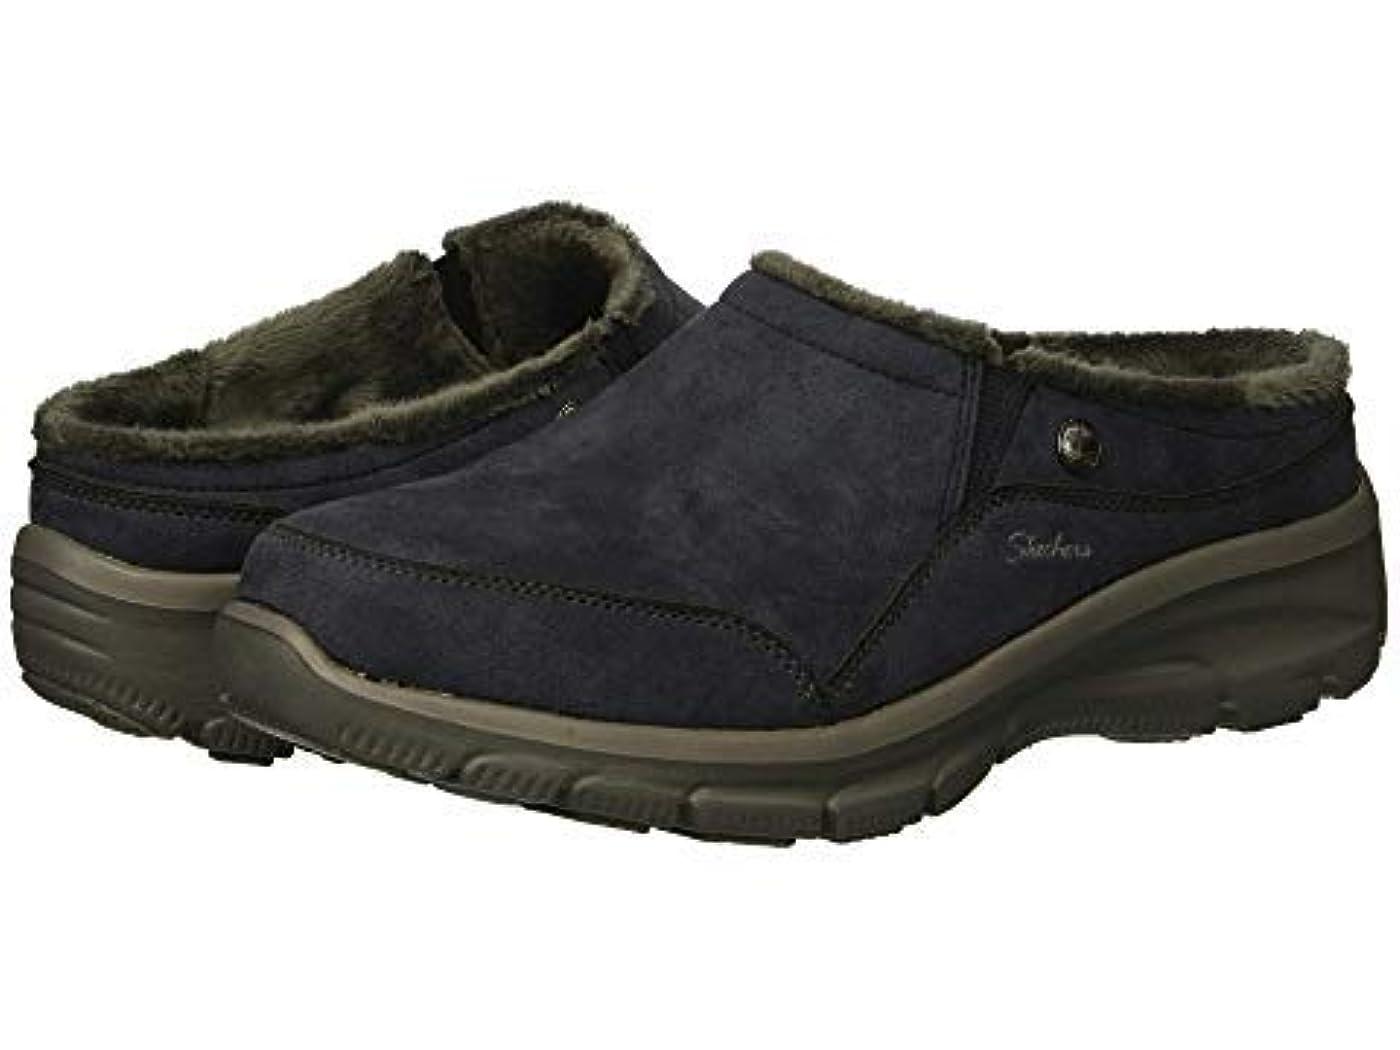 [スケッチャーズ] レディーススニーカー?靴?シューズ Easy Going Latte Navy US 8.5 (25.5cm) B - Medium [並行輸入品]